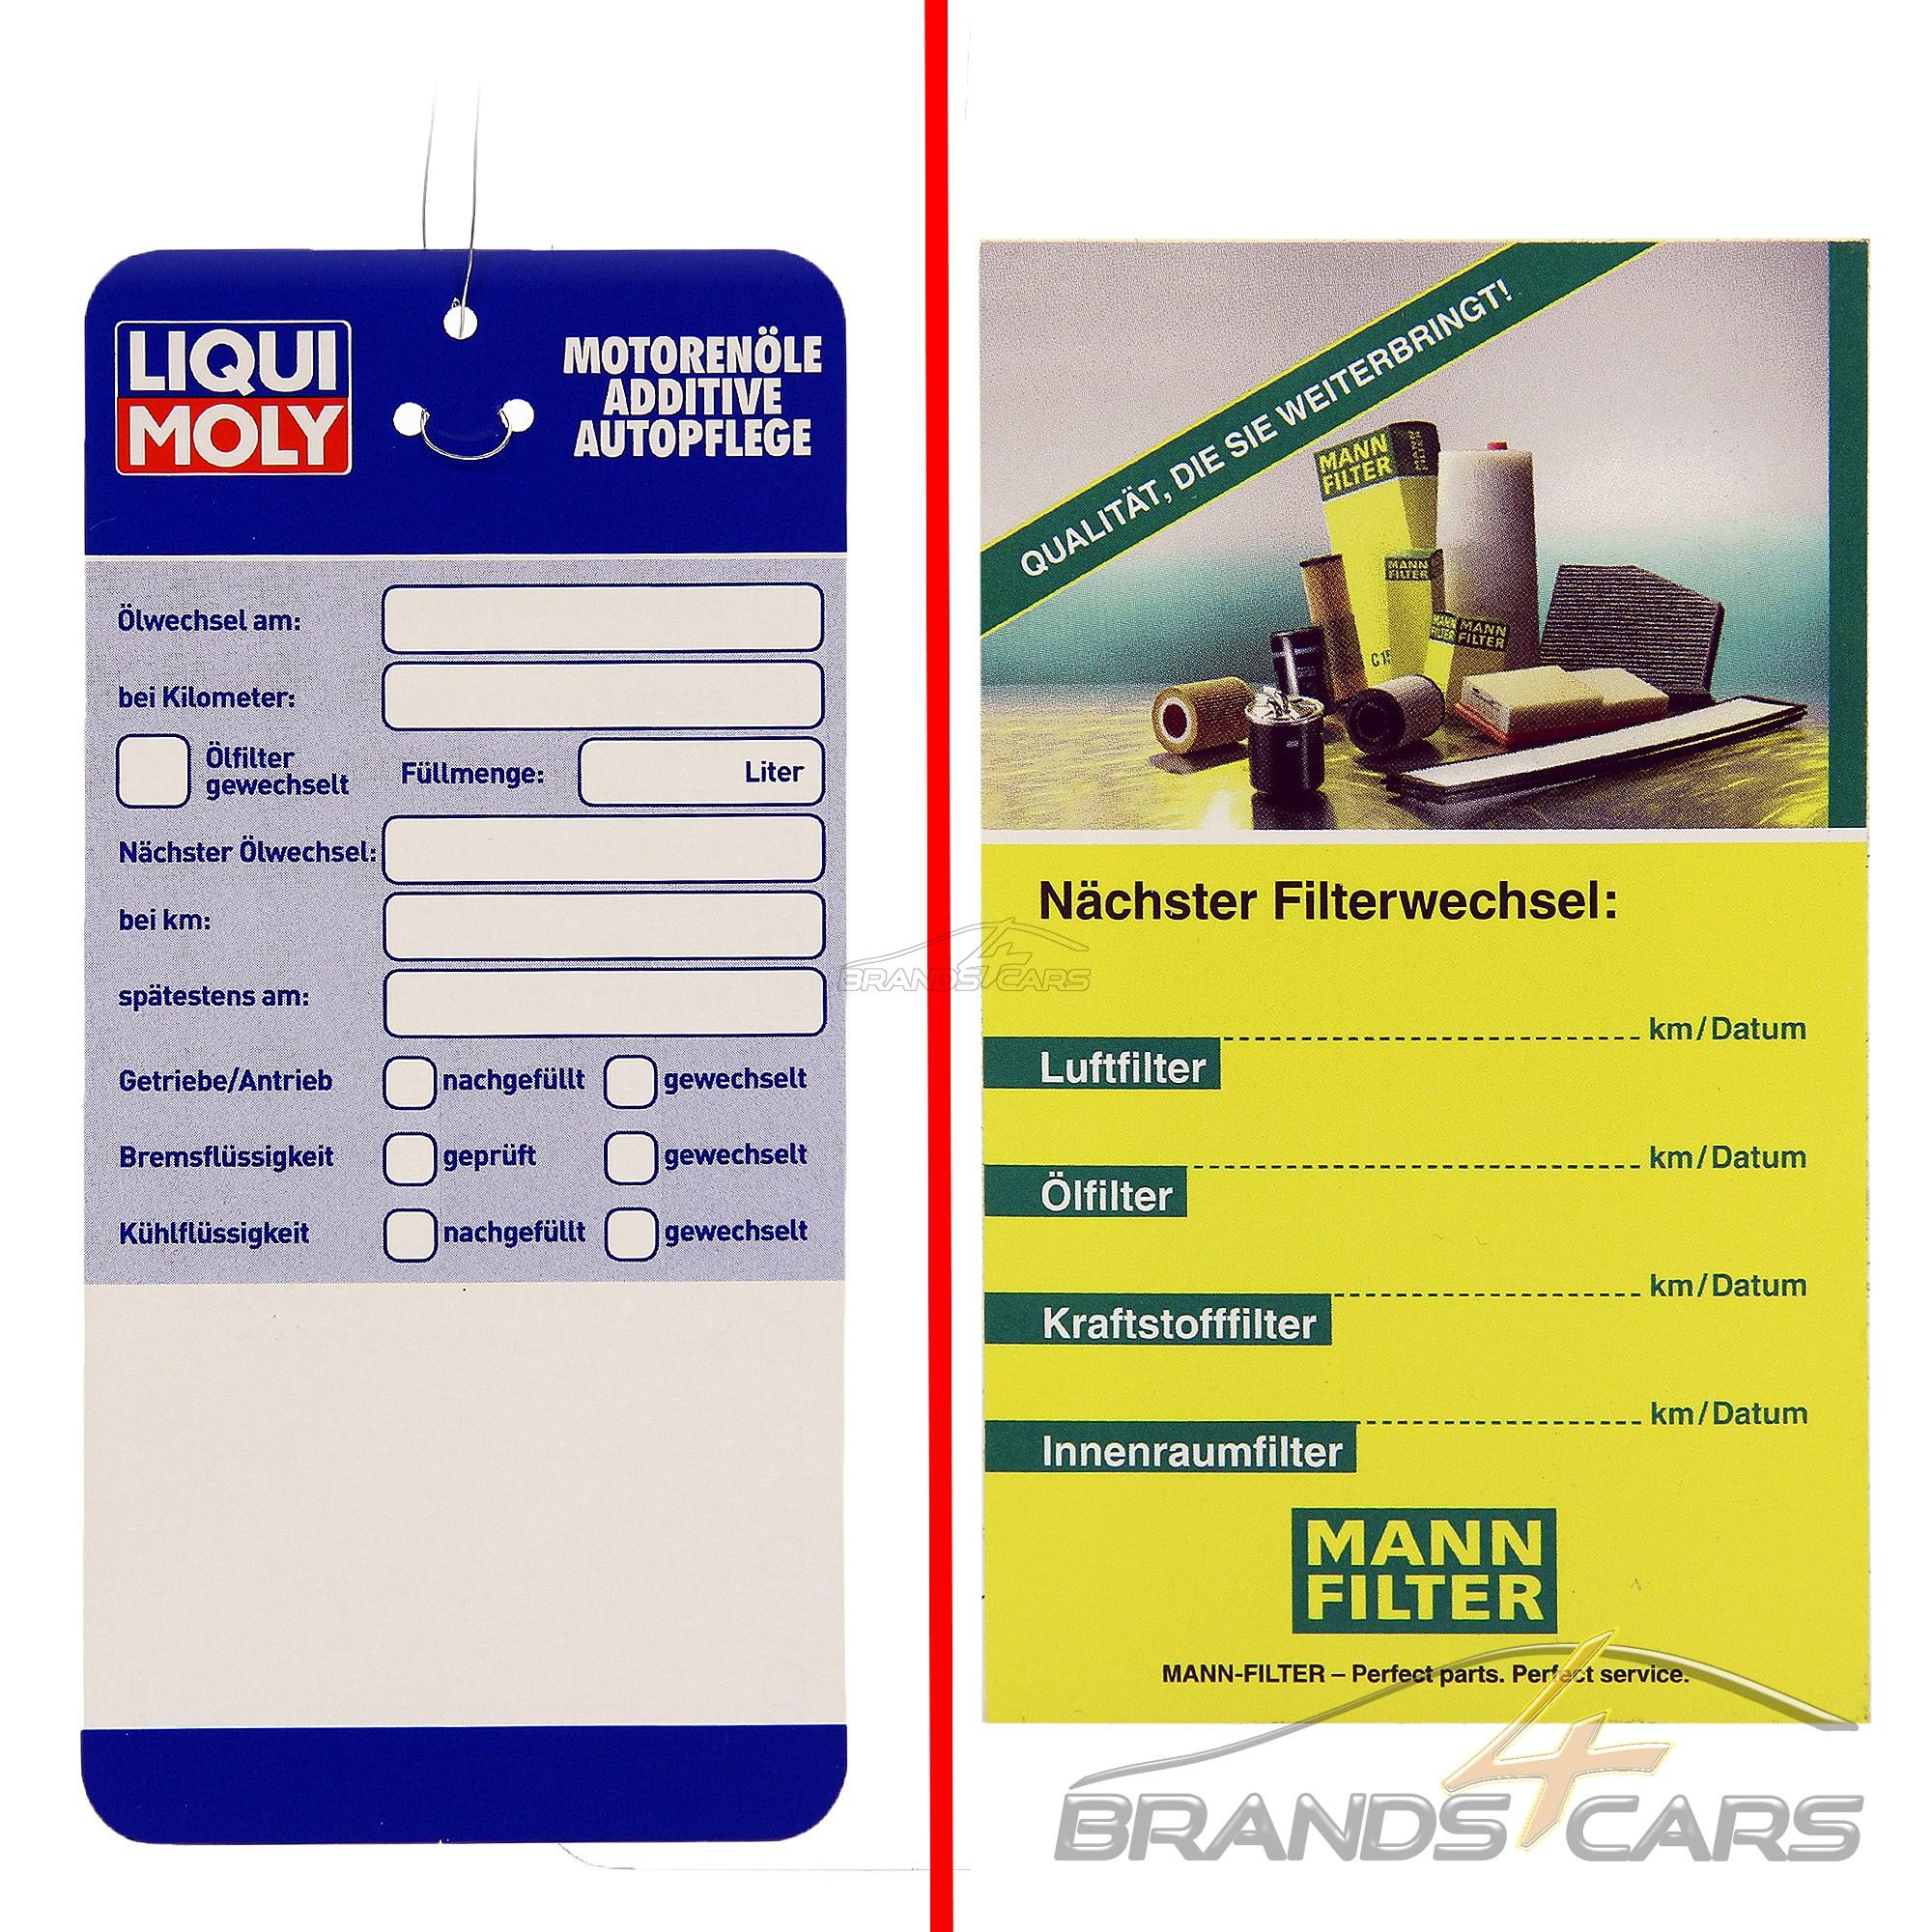 1x MANN-FILTER INSPEKTIONSPAKET FILTERSATZ C VW NEW BEETLE 9C 1.6 2.0 BJ 00-10